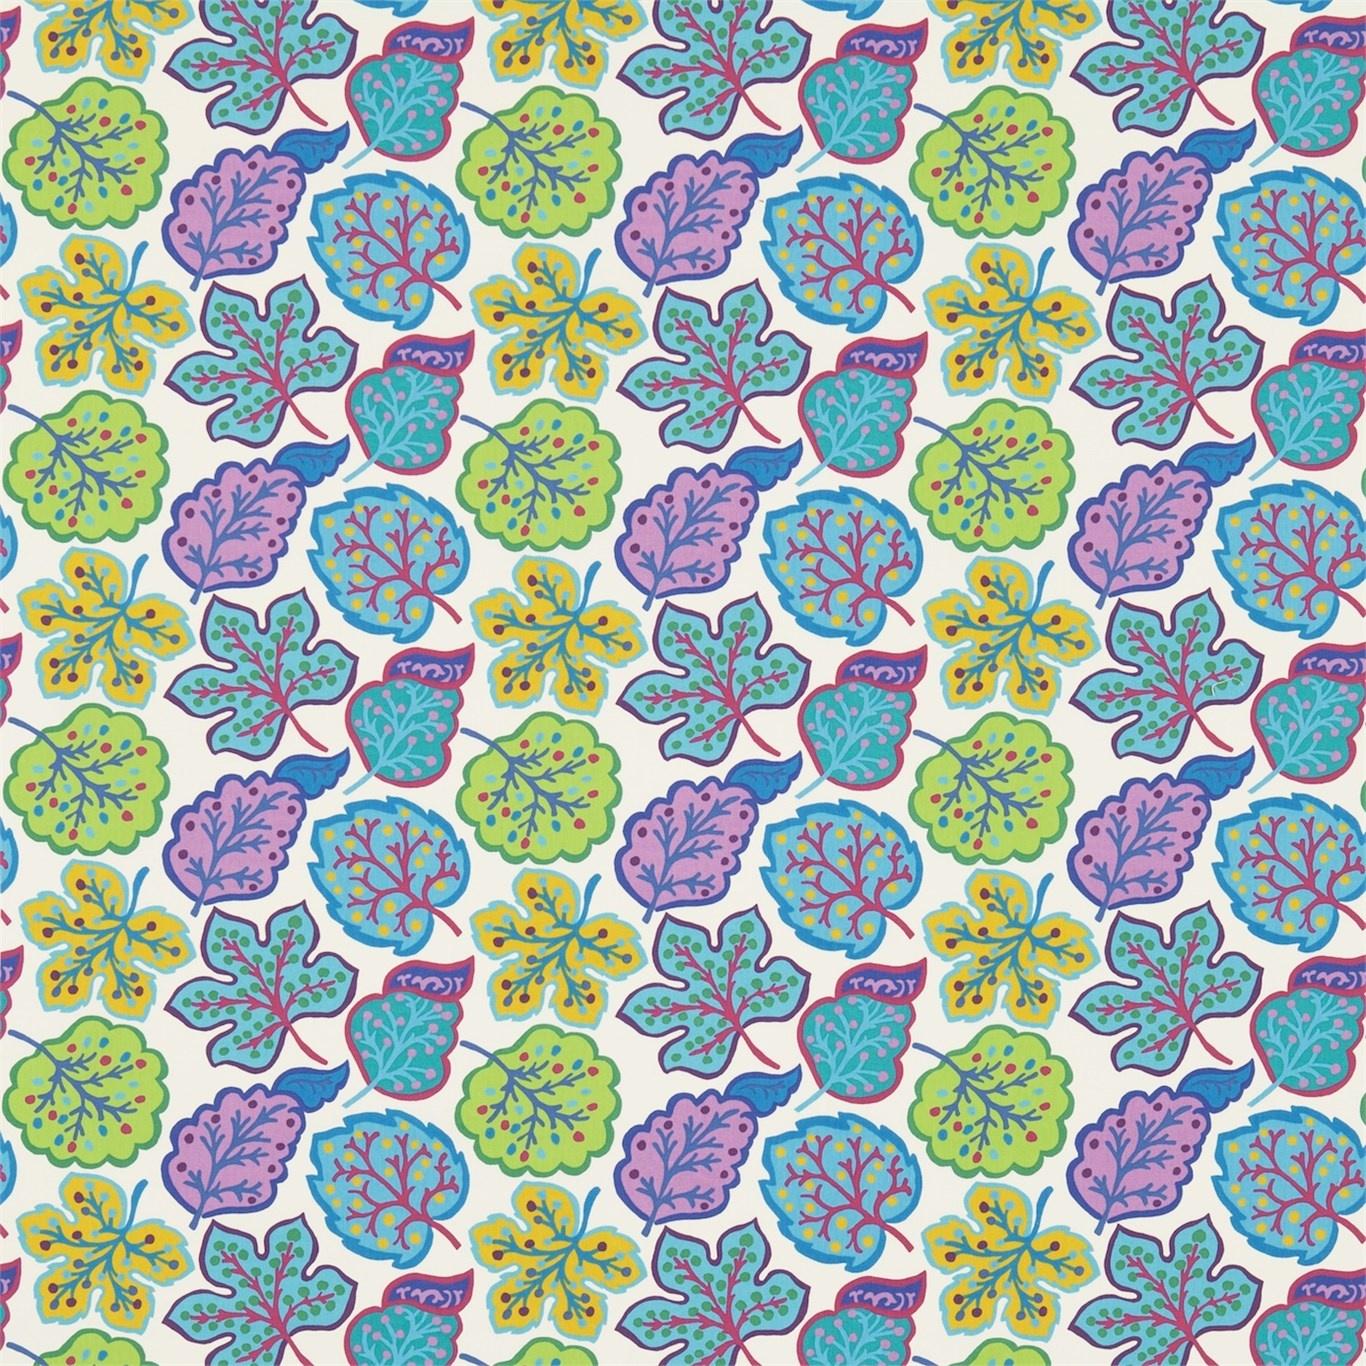 Image of Sanderson Jewel Leaves Fig/Teal Fabric 224624